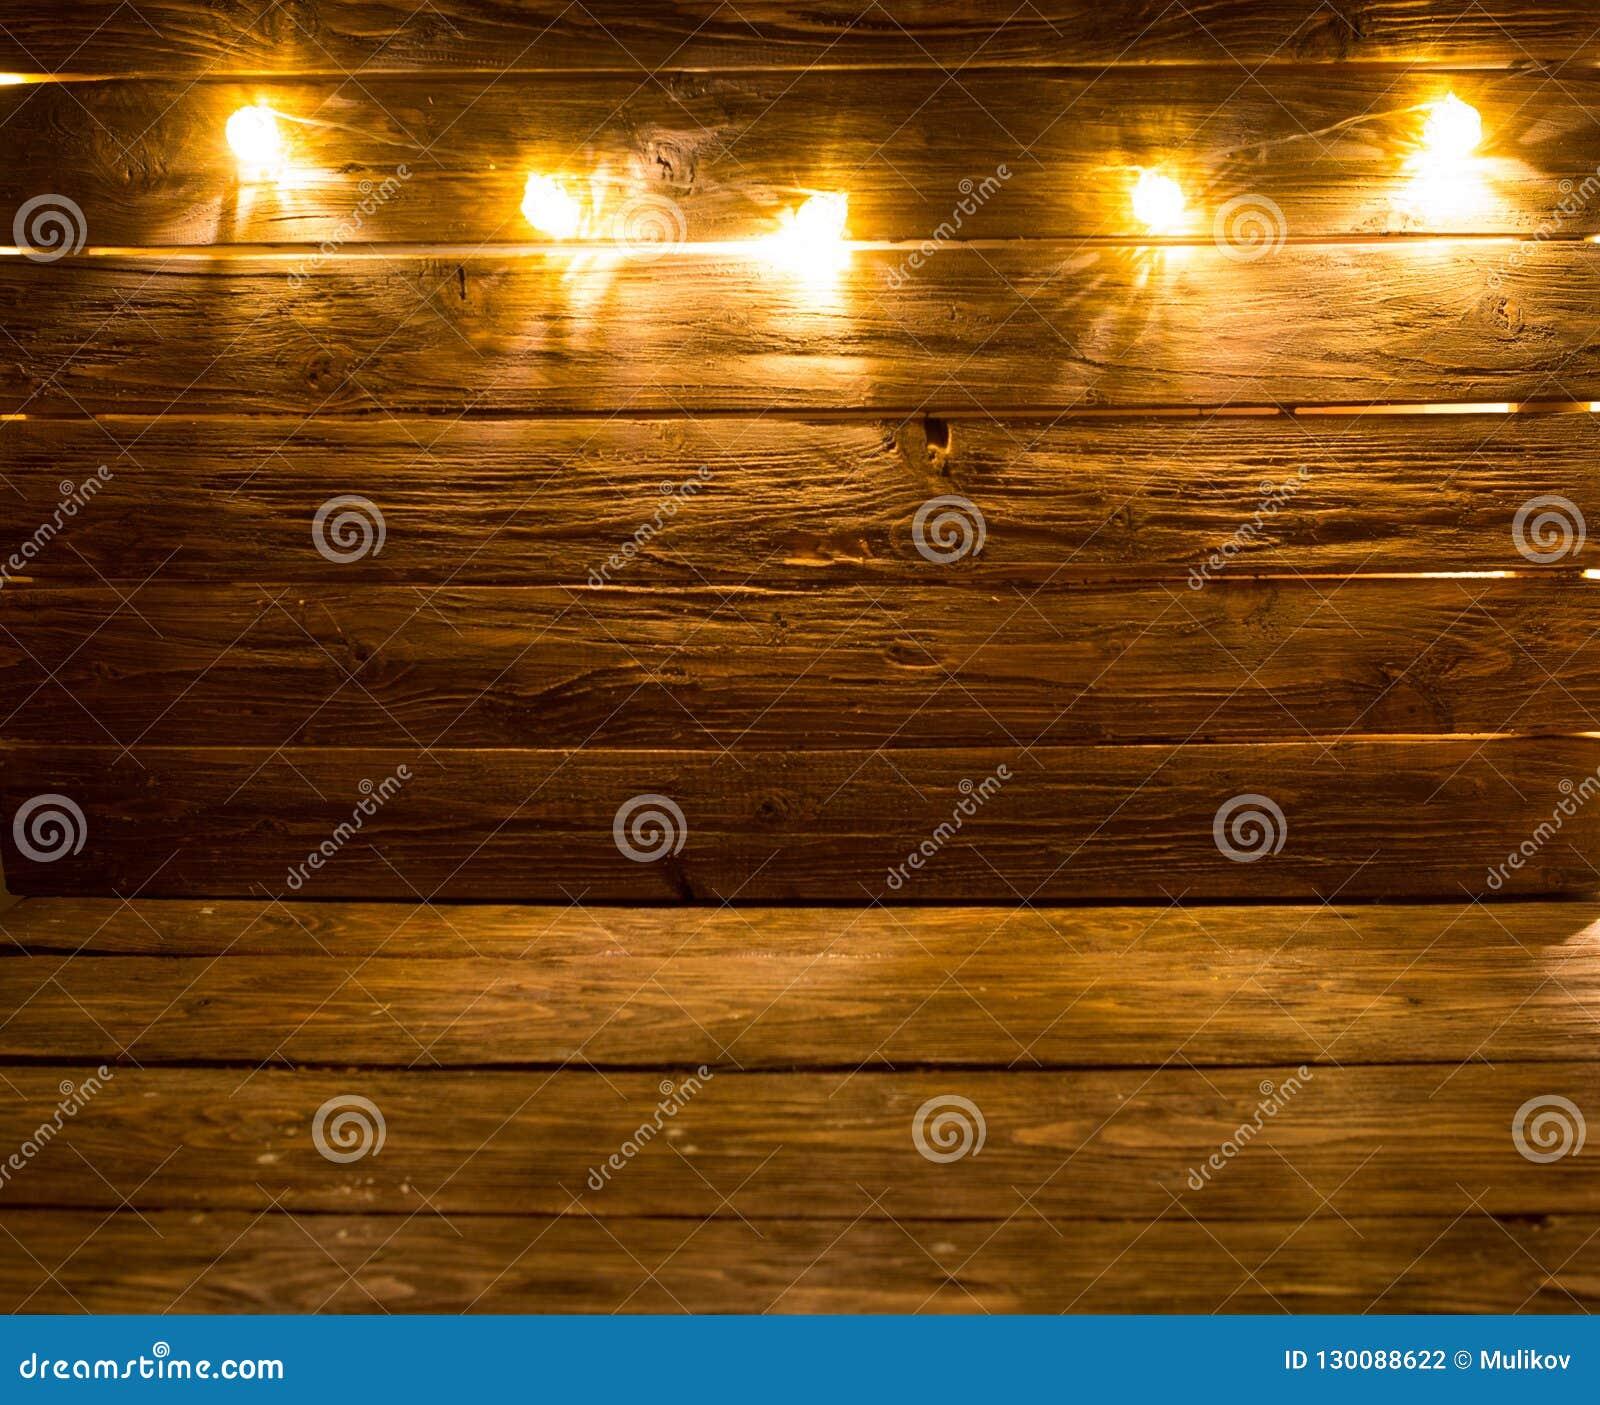 Χαρούμενα Χριστούγεννα! Ελαφρύ υπόβαθρο Χριστουγέννων στο καφετί αγροτικό ξύλινο υπόβαθρο